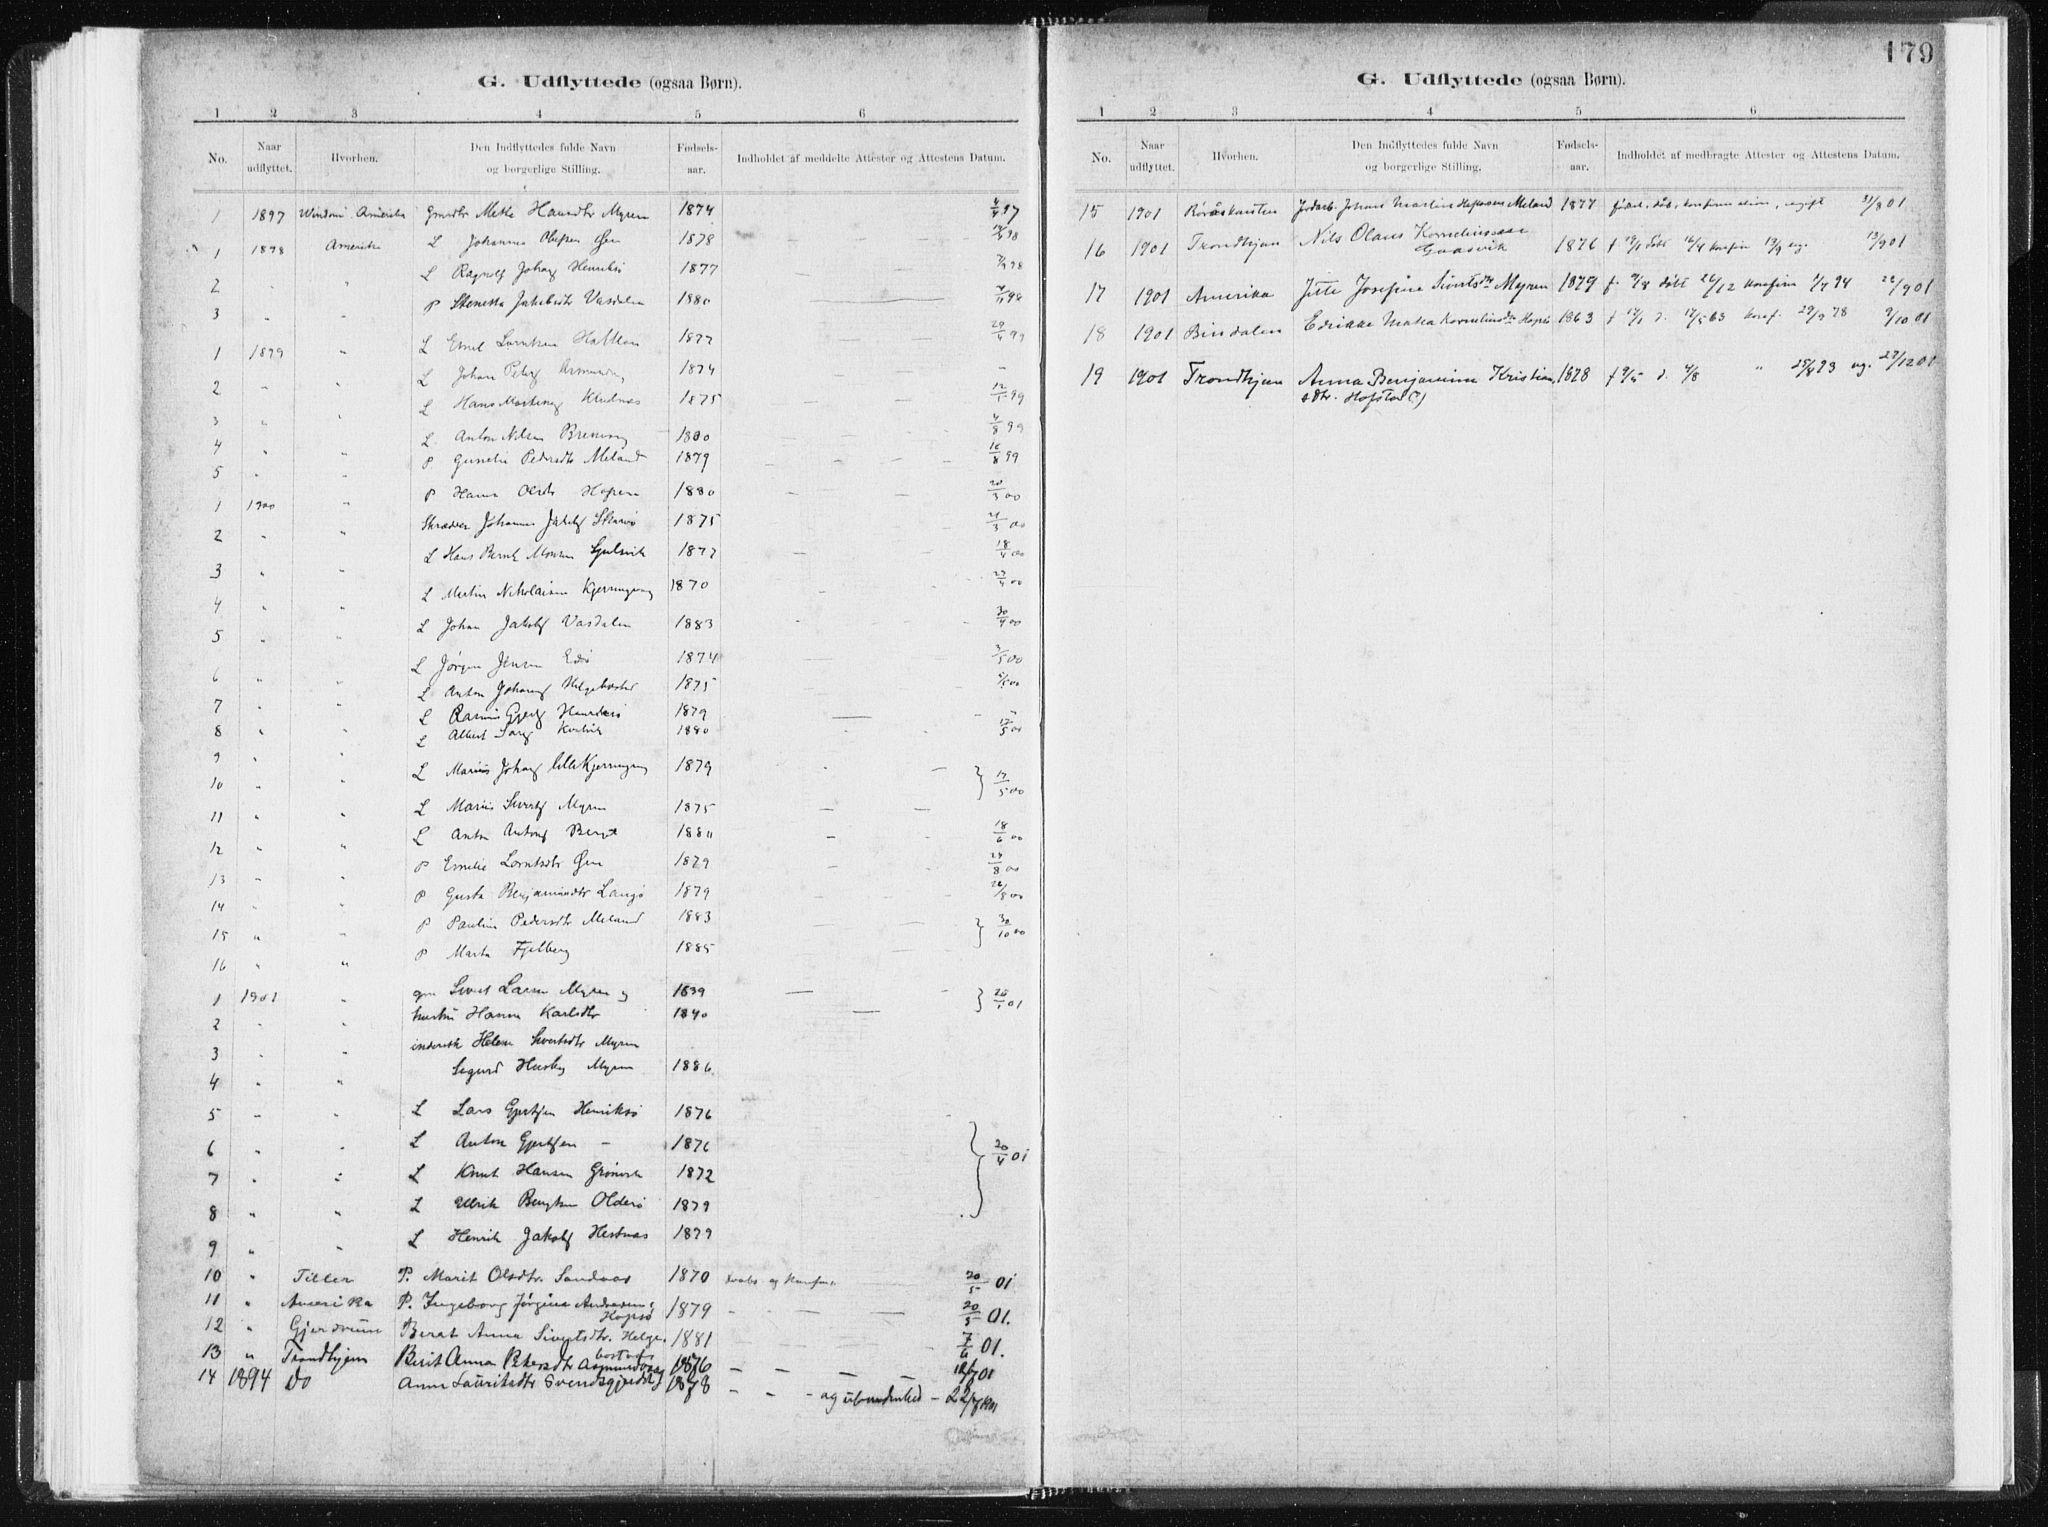 SAT, Ministerialprotokoller, klokkerbøker og fødselsregistre - Sør-Trøndelag, 634/L0533: Ministerialbok nr. 634A09, 1882-1901, s. 179